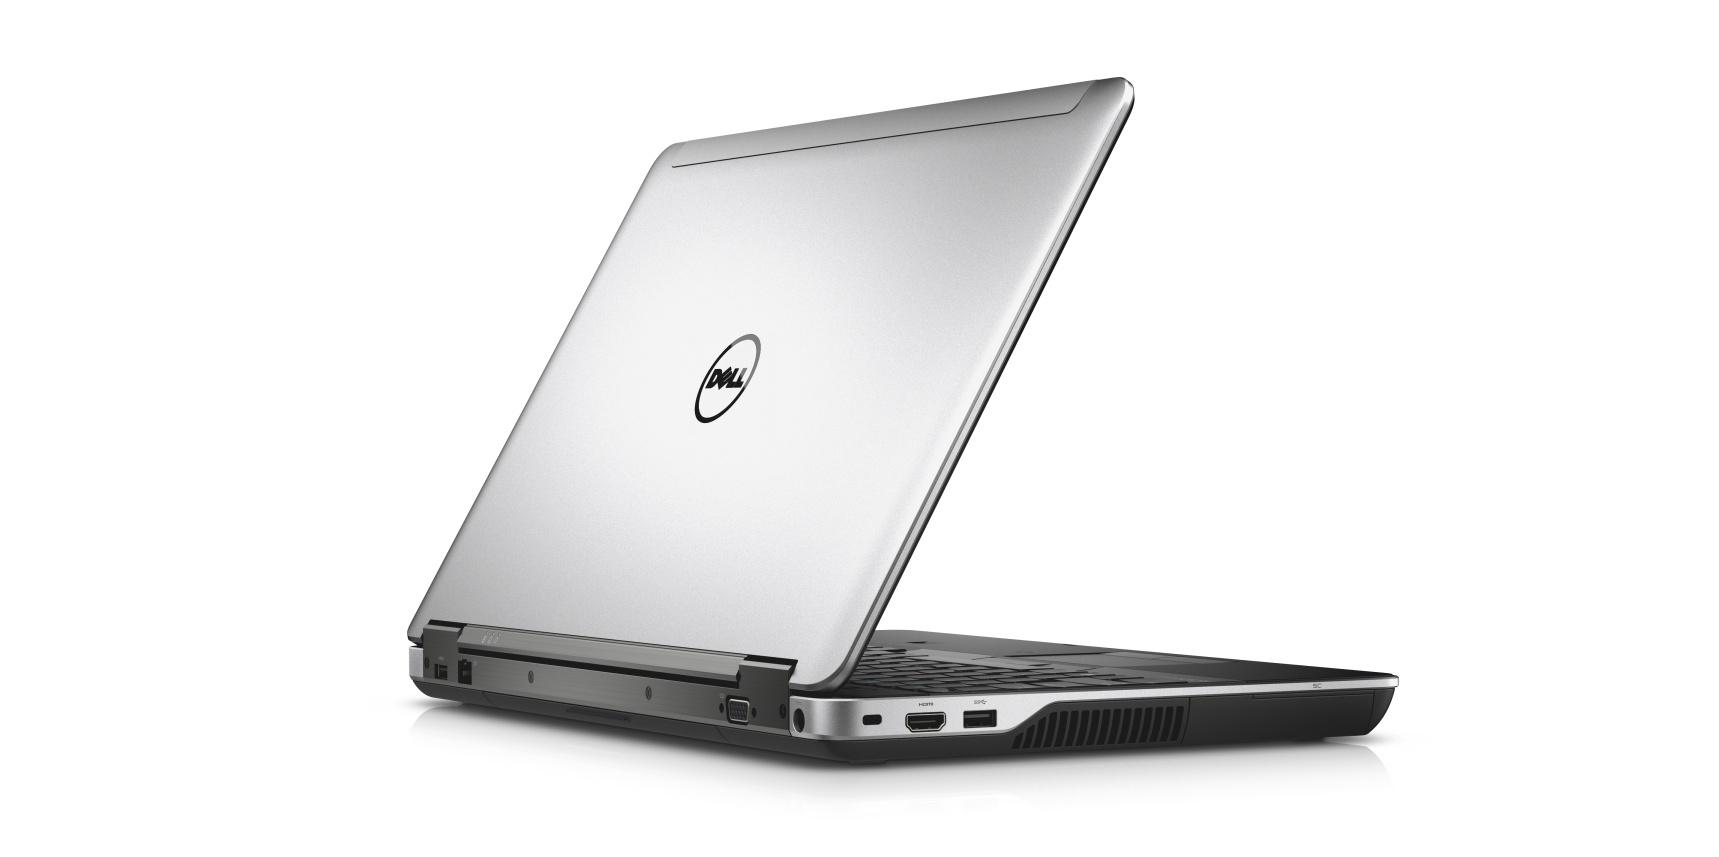 Dell Precision M2800 i5 ati fire pro